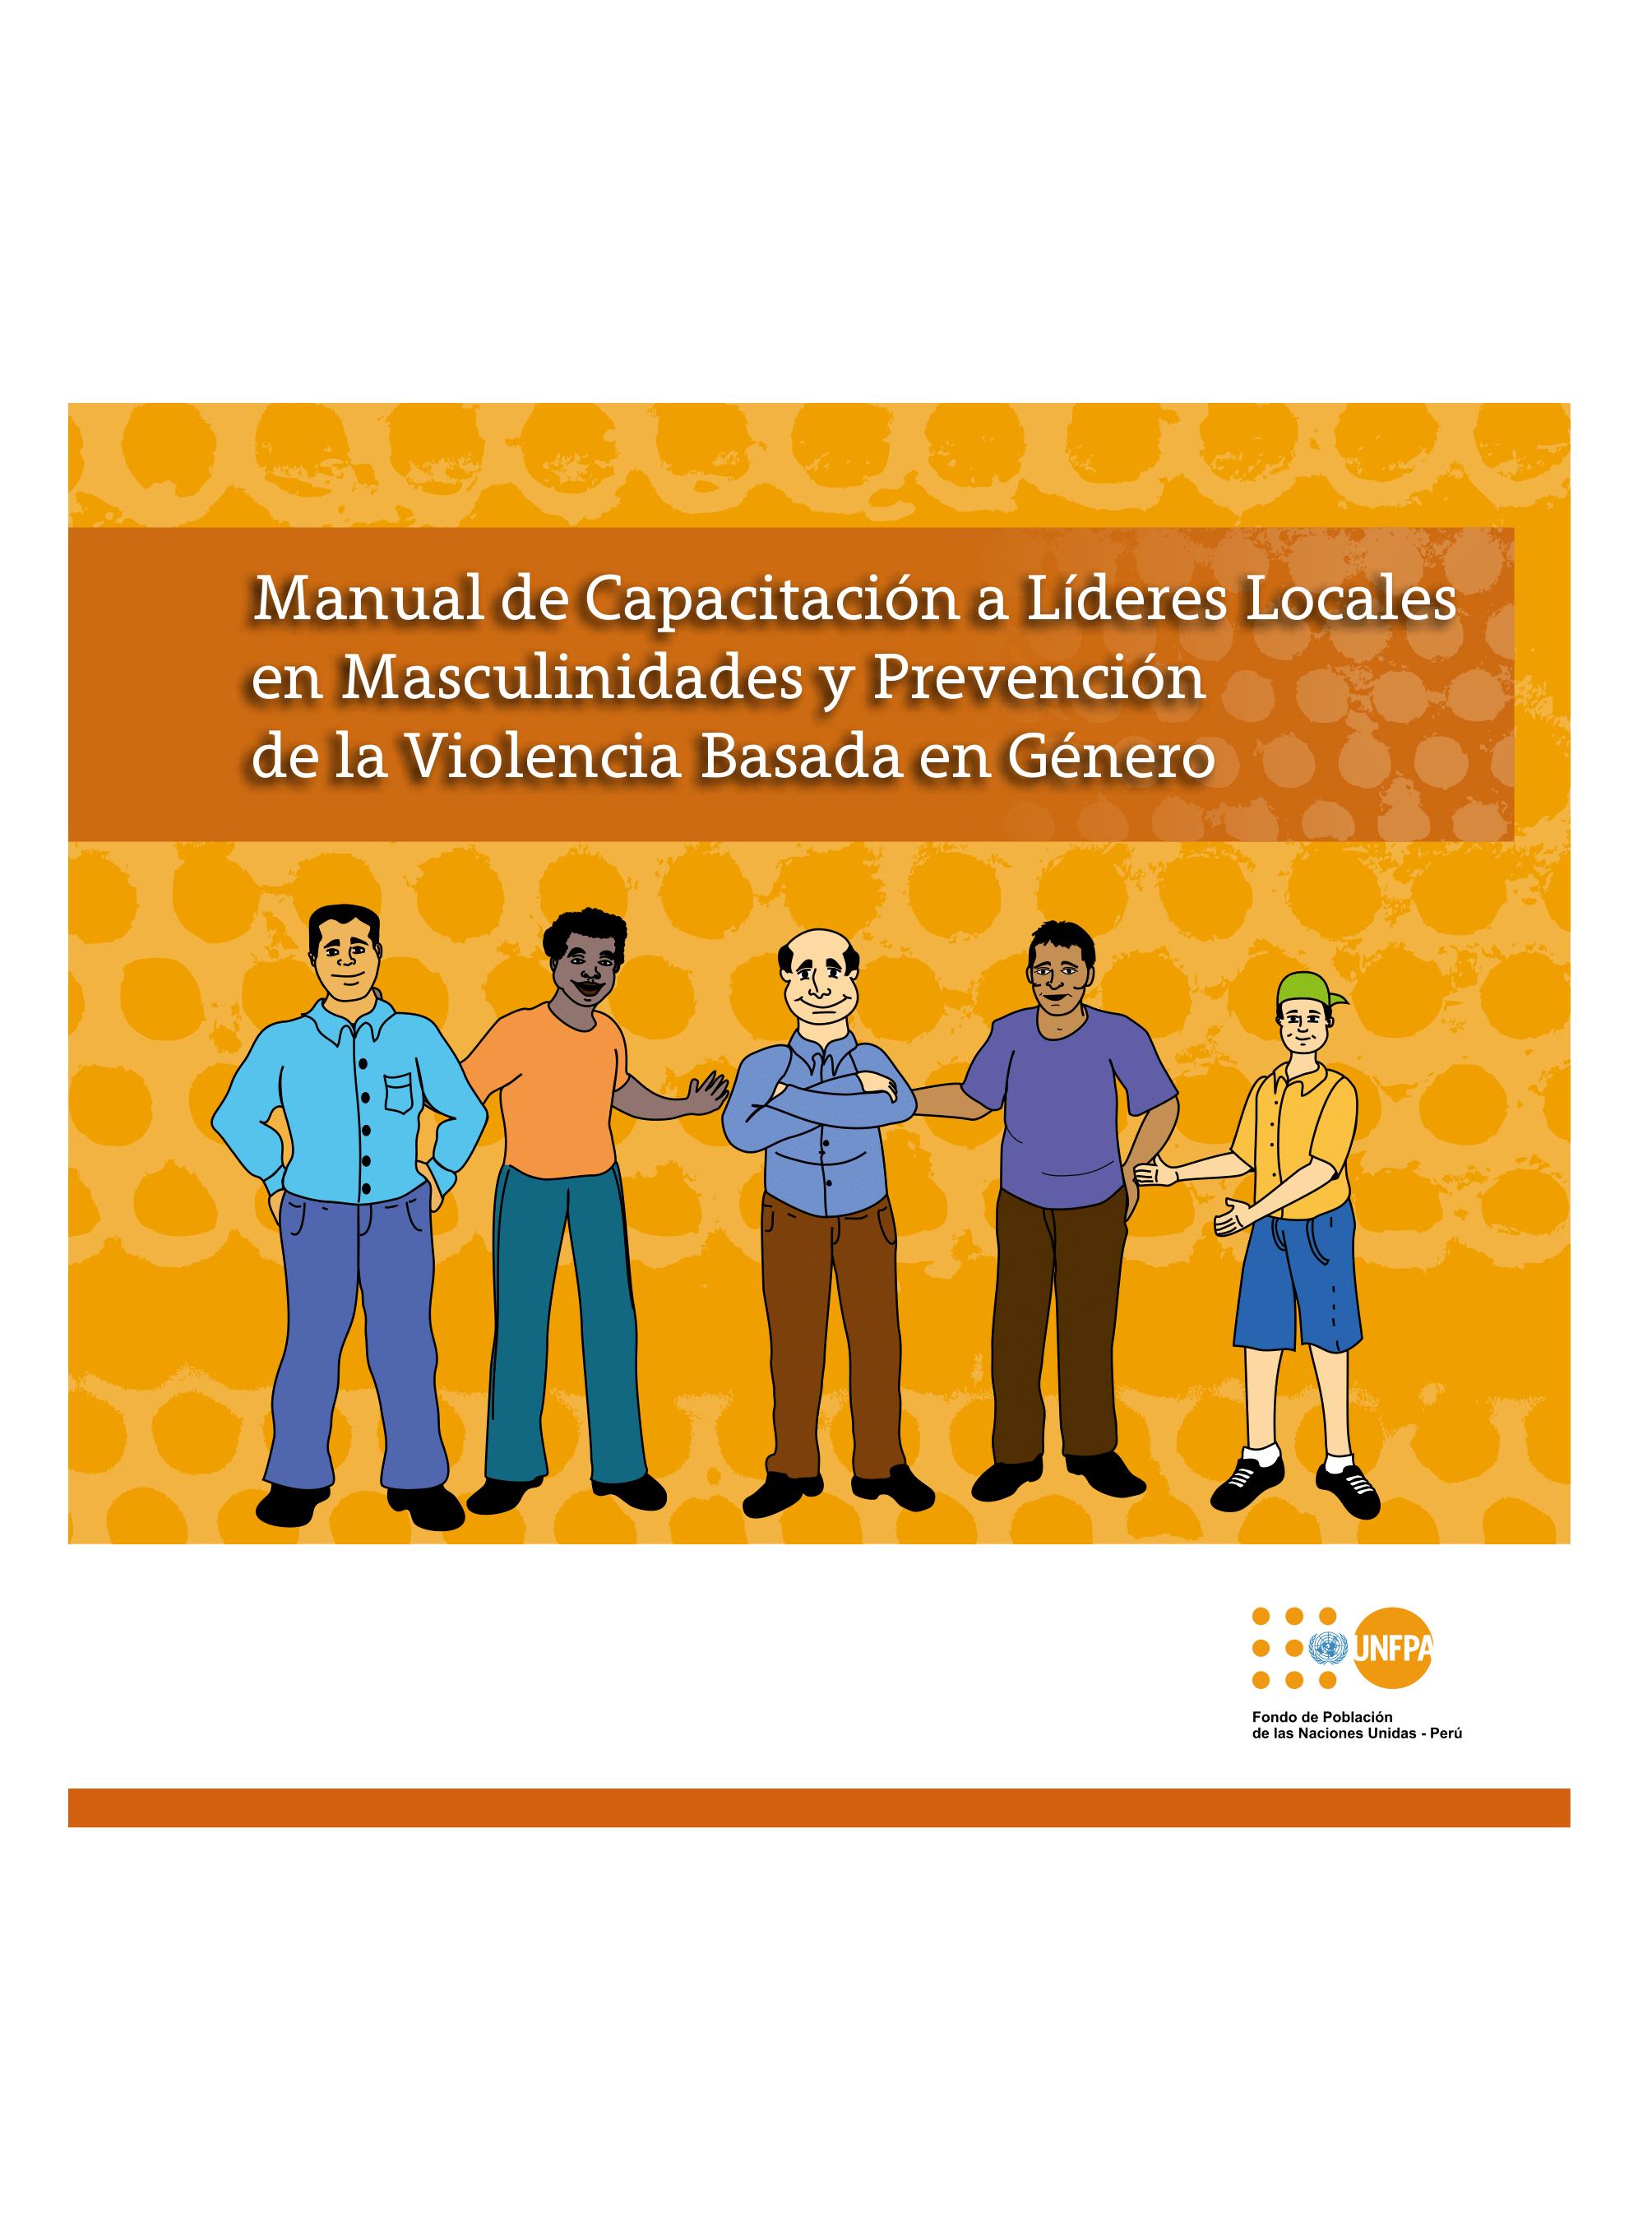 Manual de capacitación a líderes locales en masculinidades y prevención de la violencia basada en género